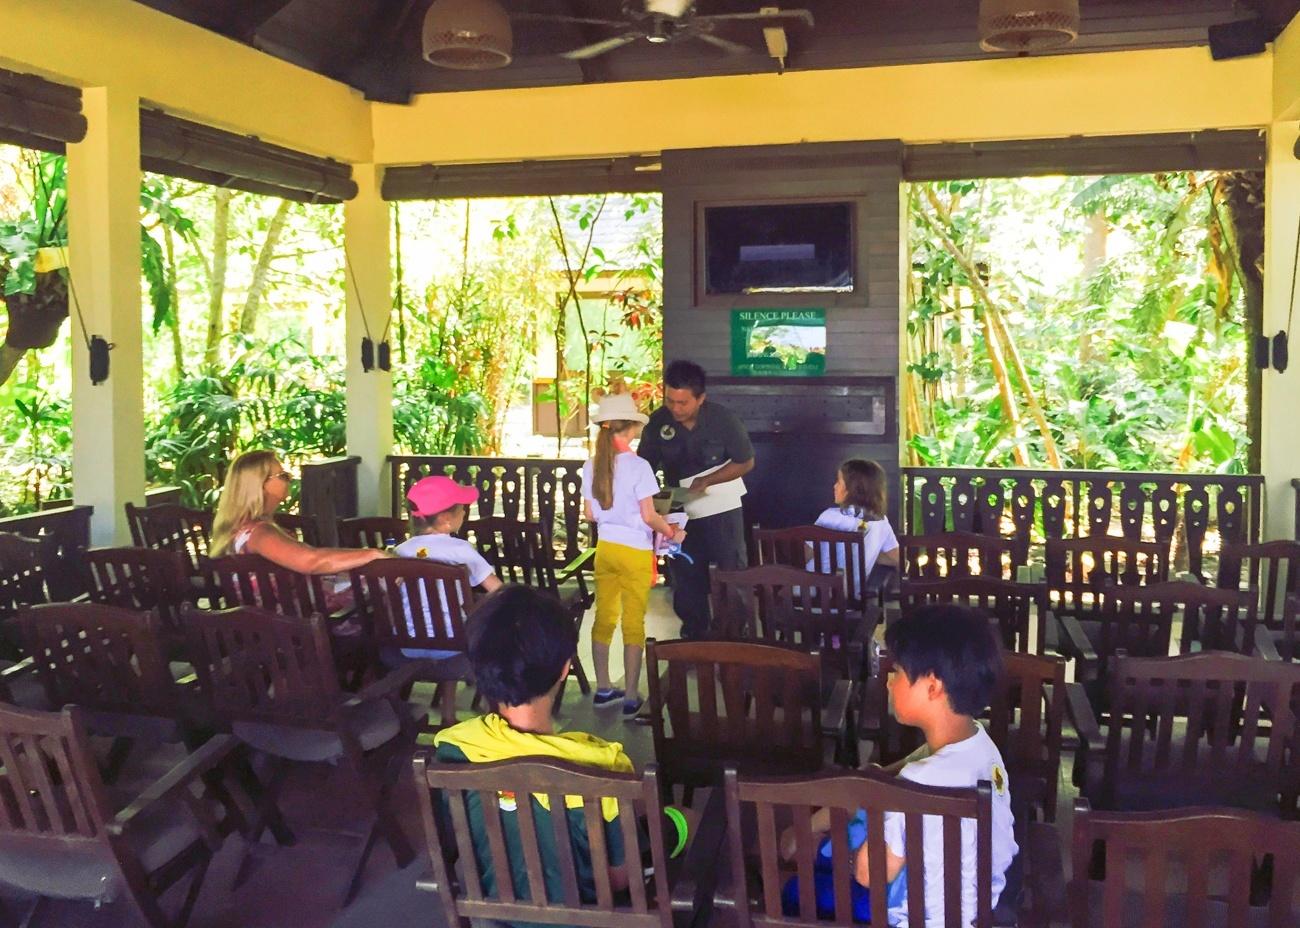 Ranger Experience at Shangri-la Rasa Ria Resort in Kota Kinabalu